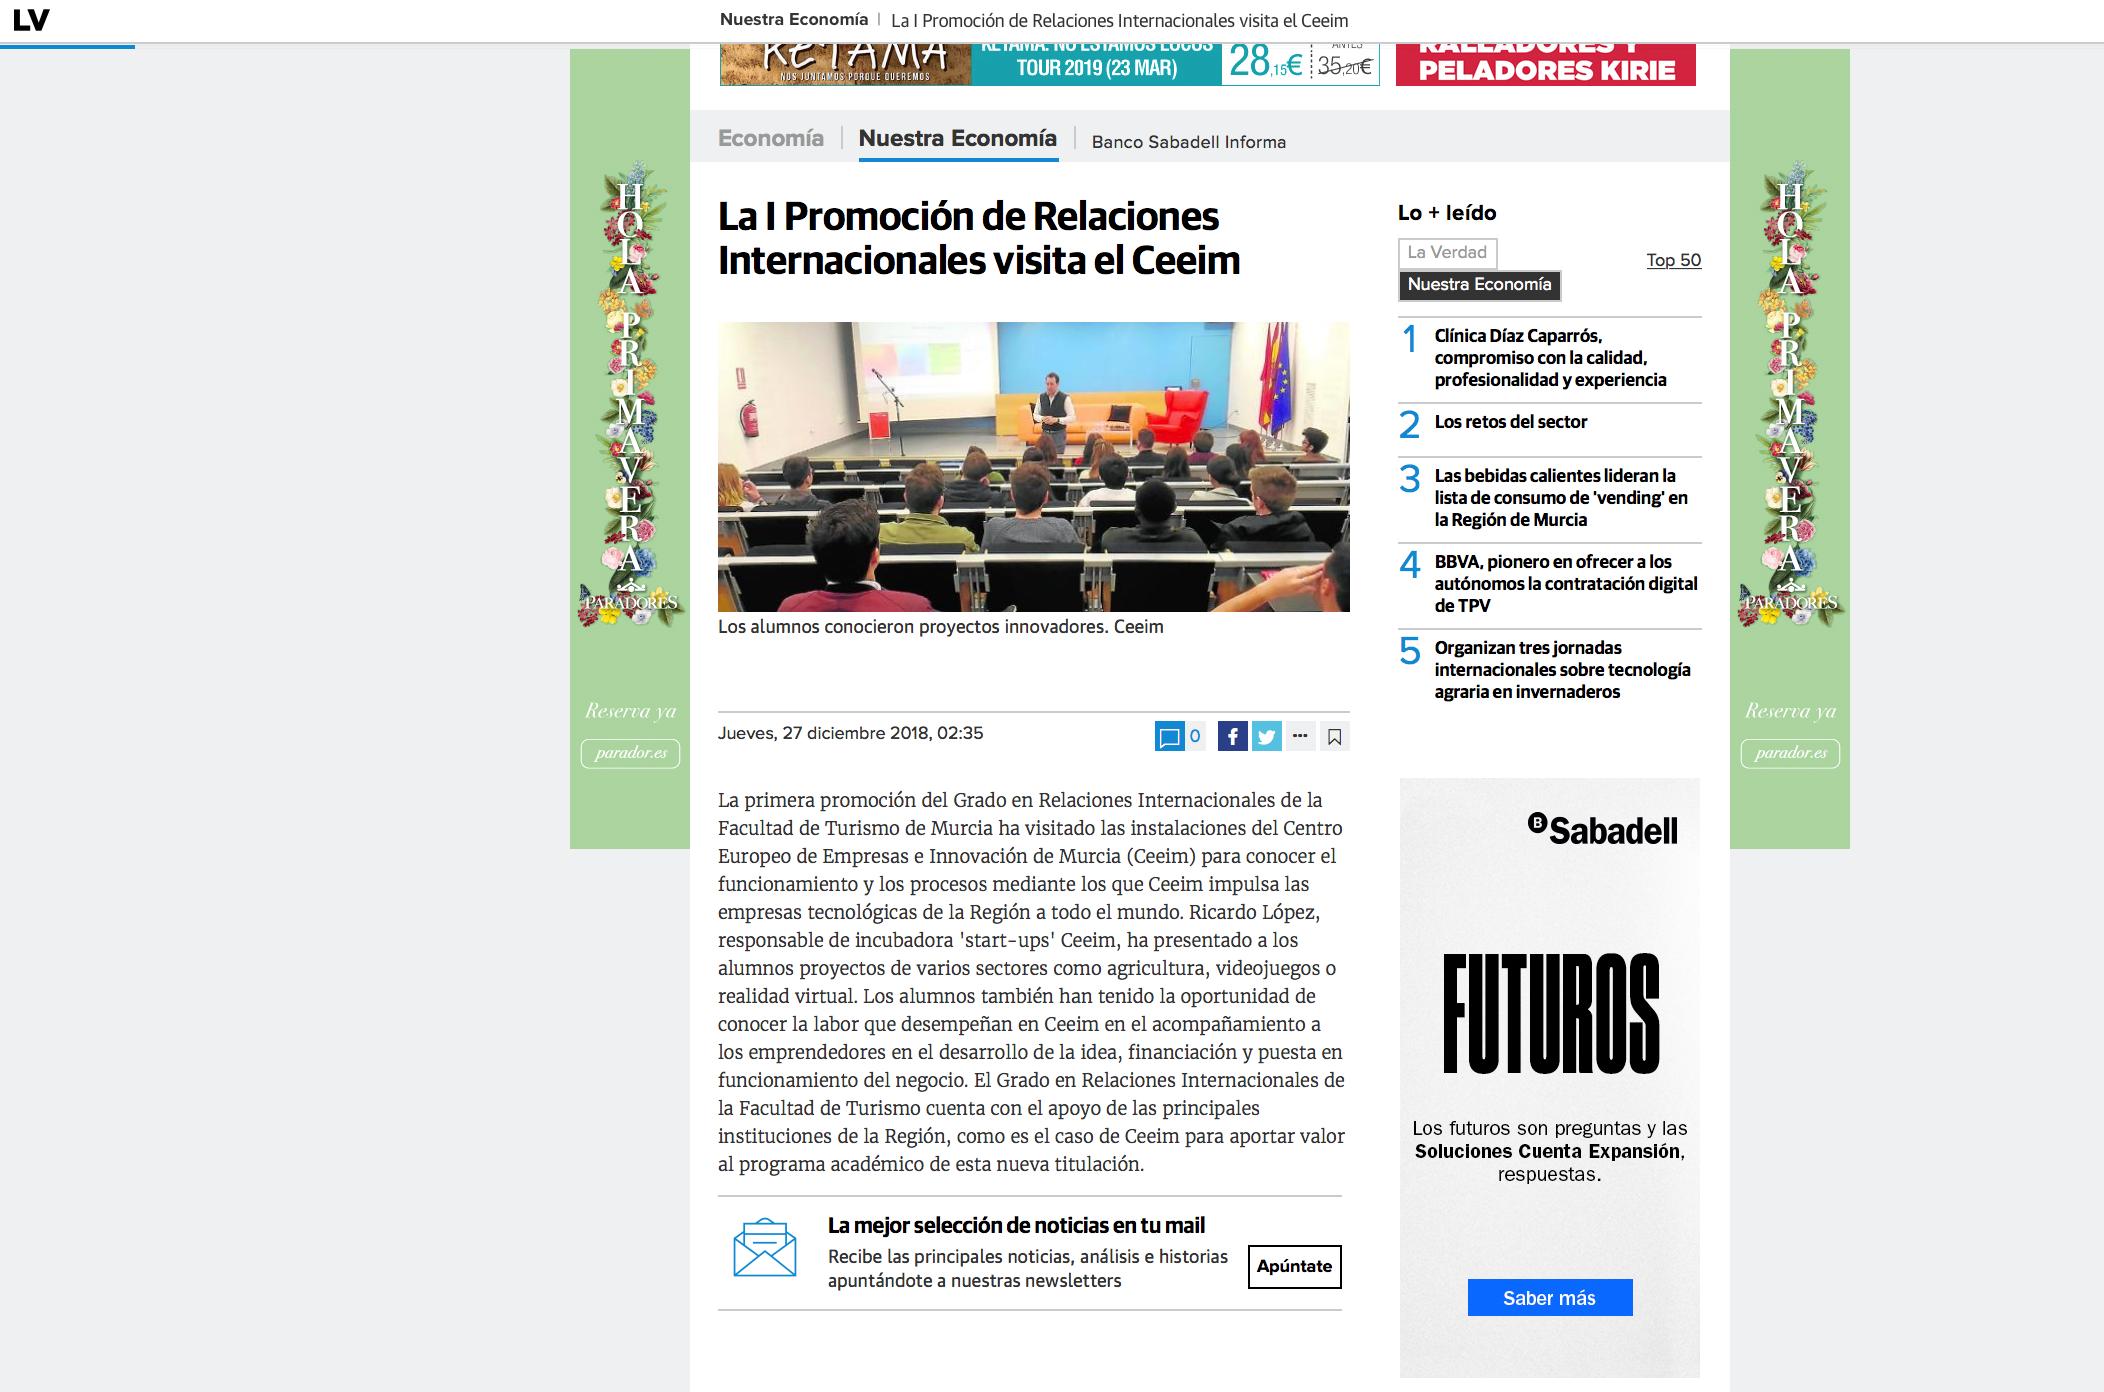 Grado Relaciones Internacionales Murcia